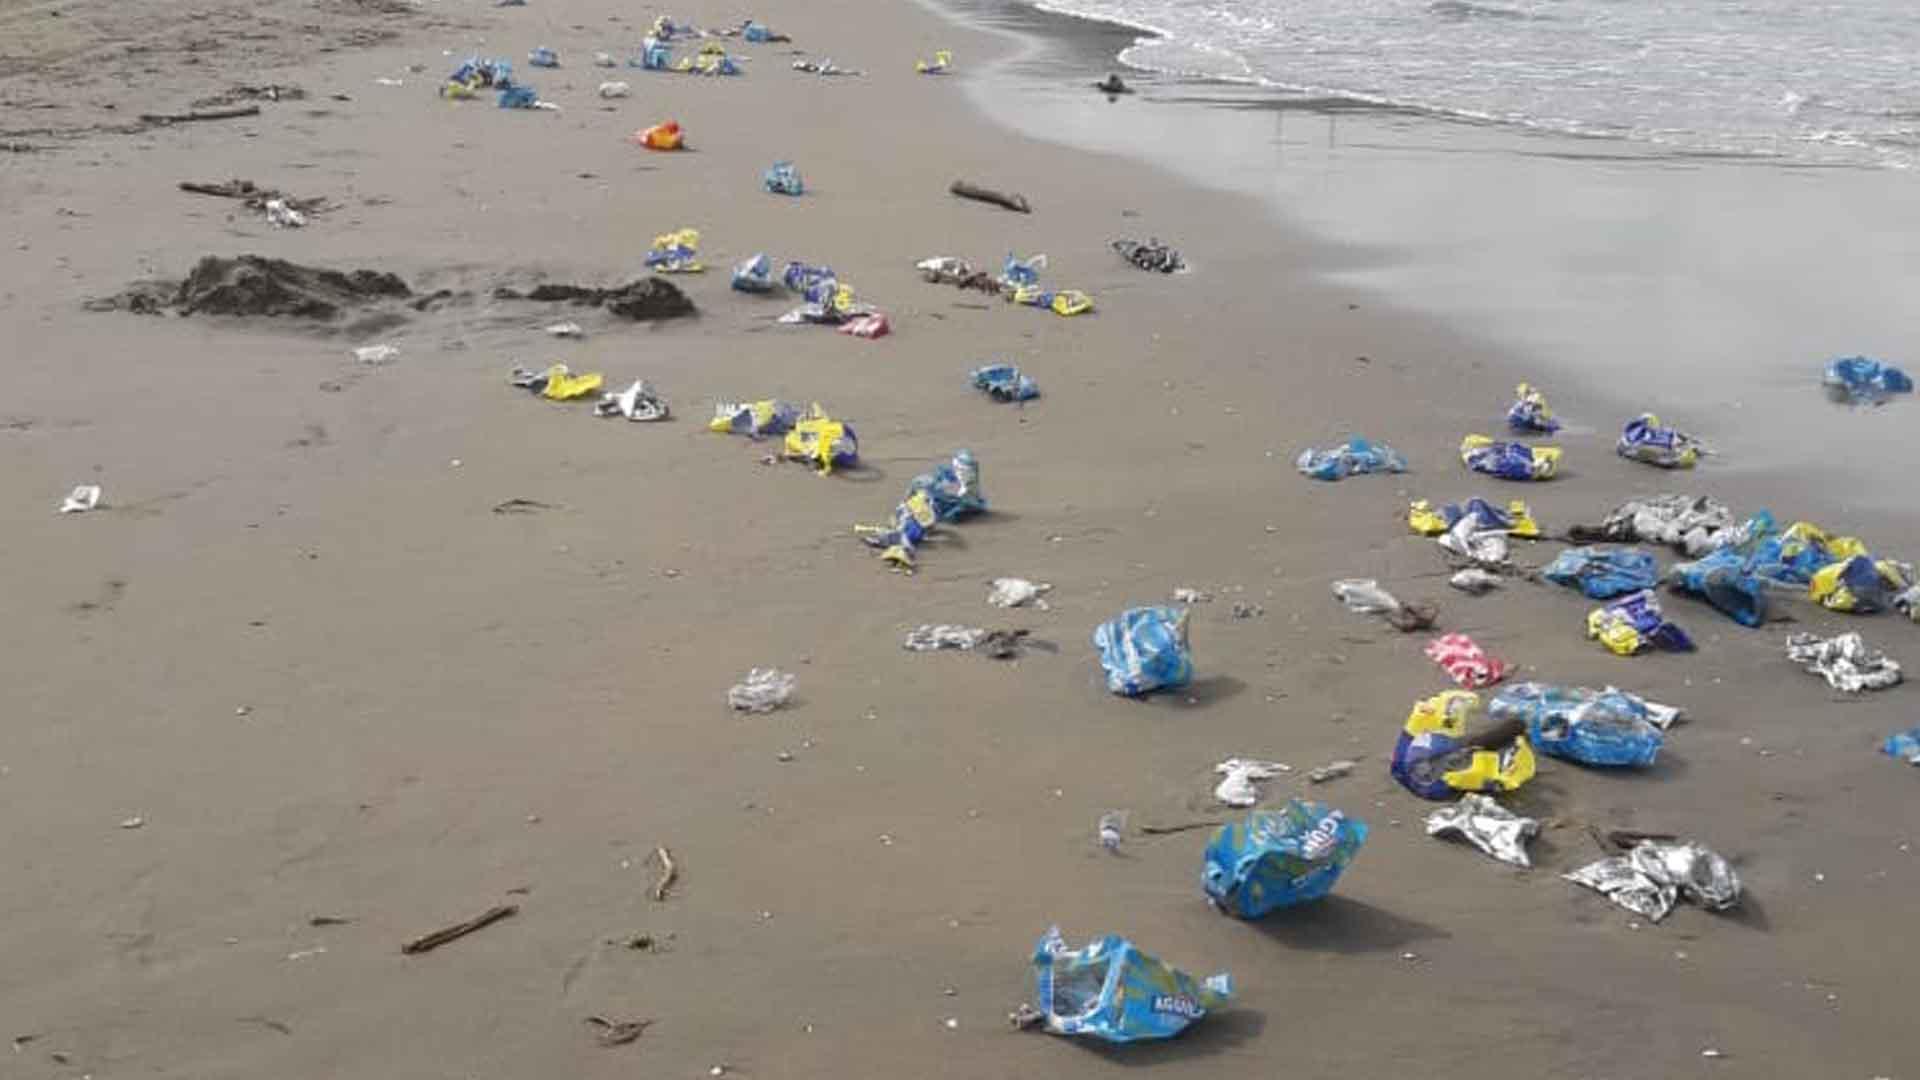 Nueva alerta por basuras en playas de Puerto Colombia - El Heraldo (Colombia)